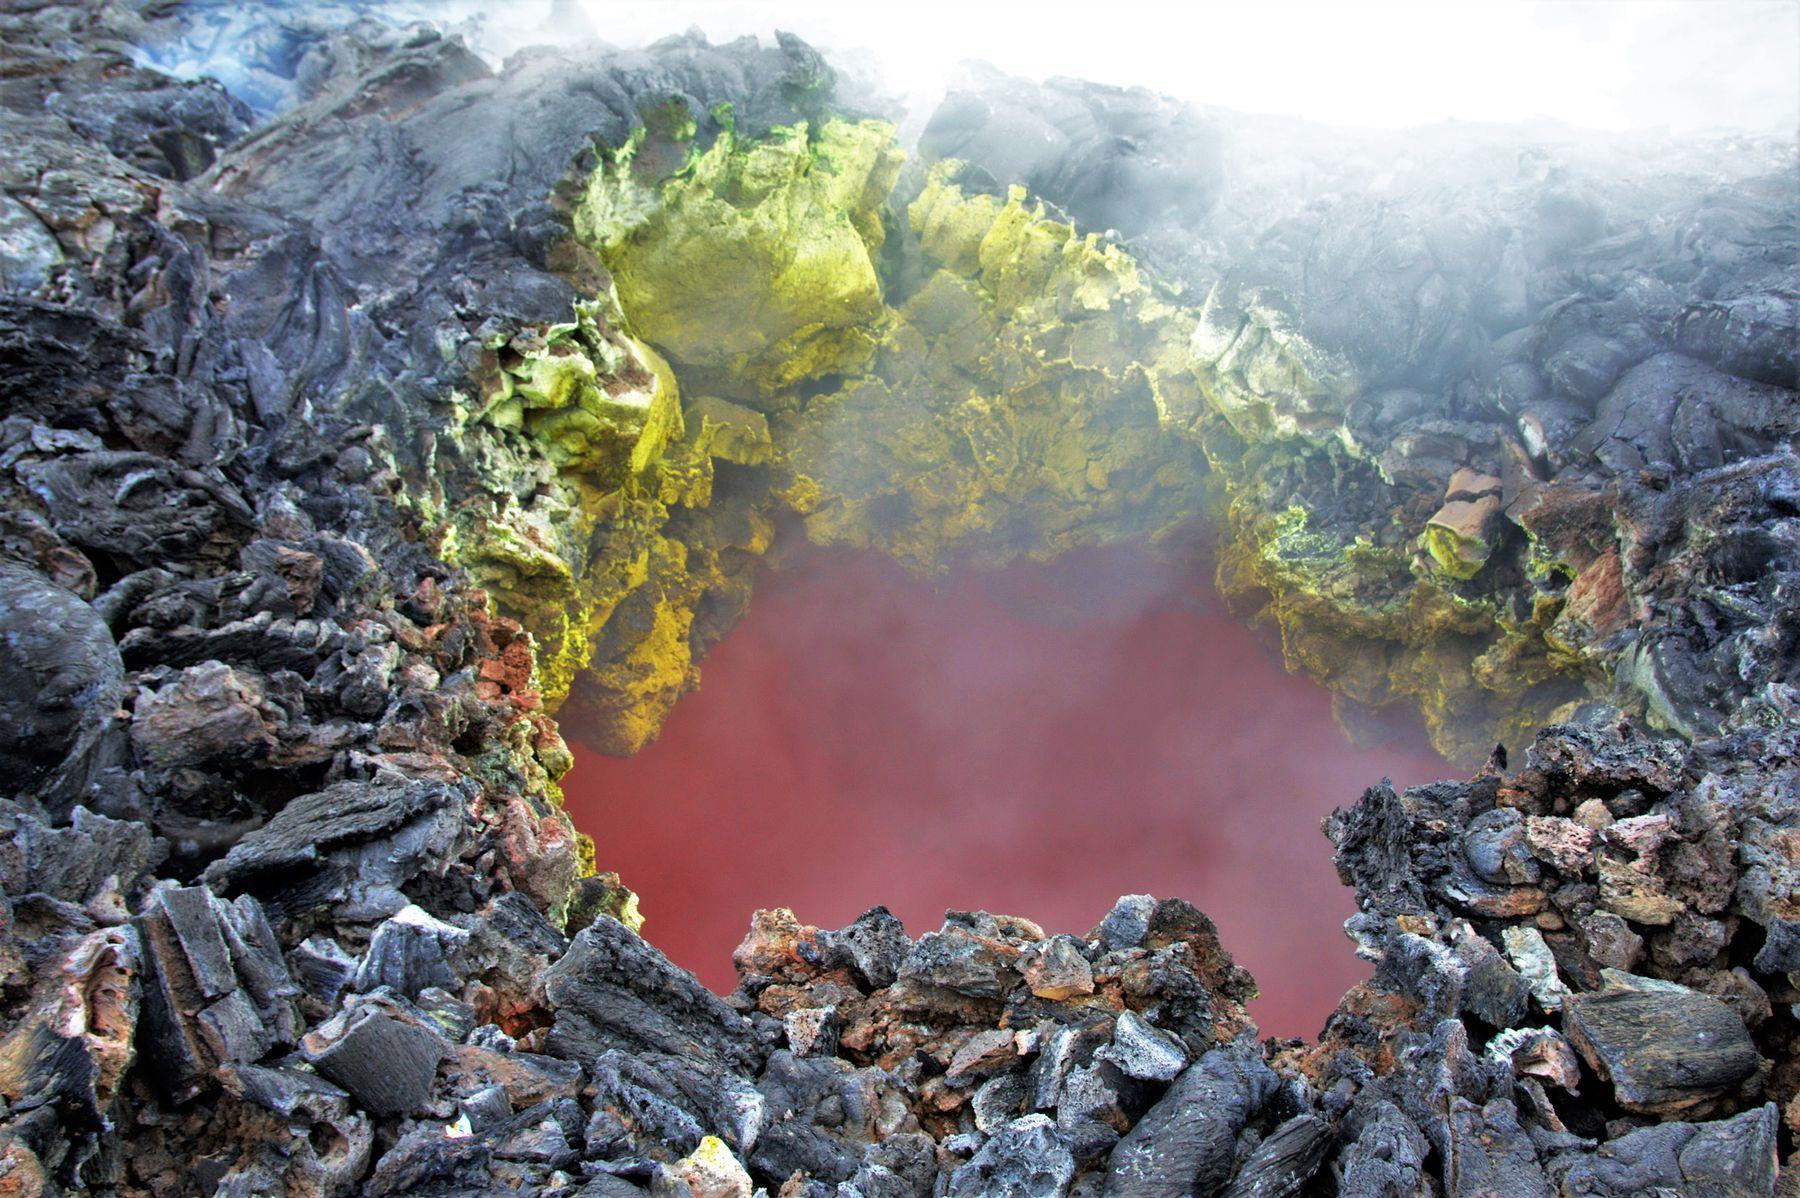 Окно в преисподнюю Вулкан лава извержение Камчатка Плоский Толбачик преисподняя ад